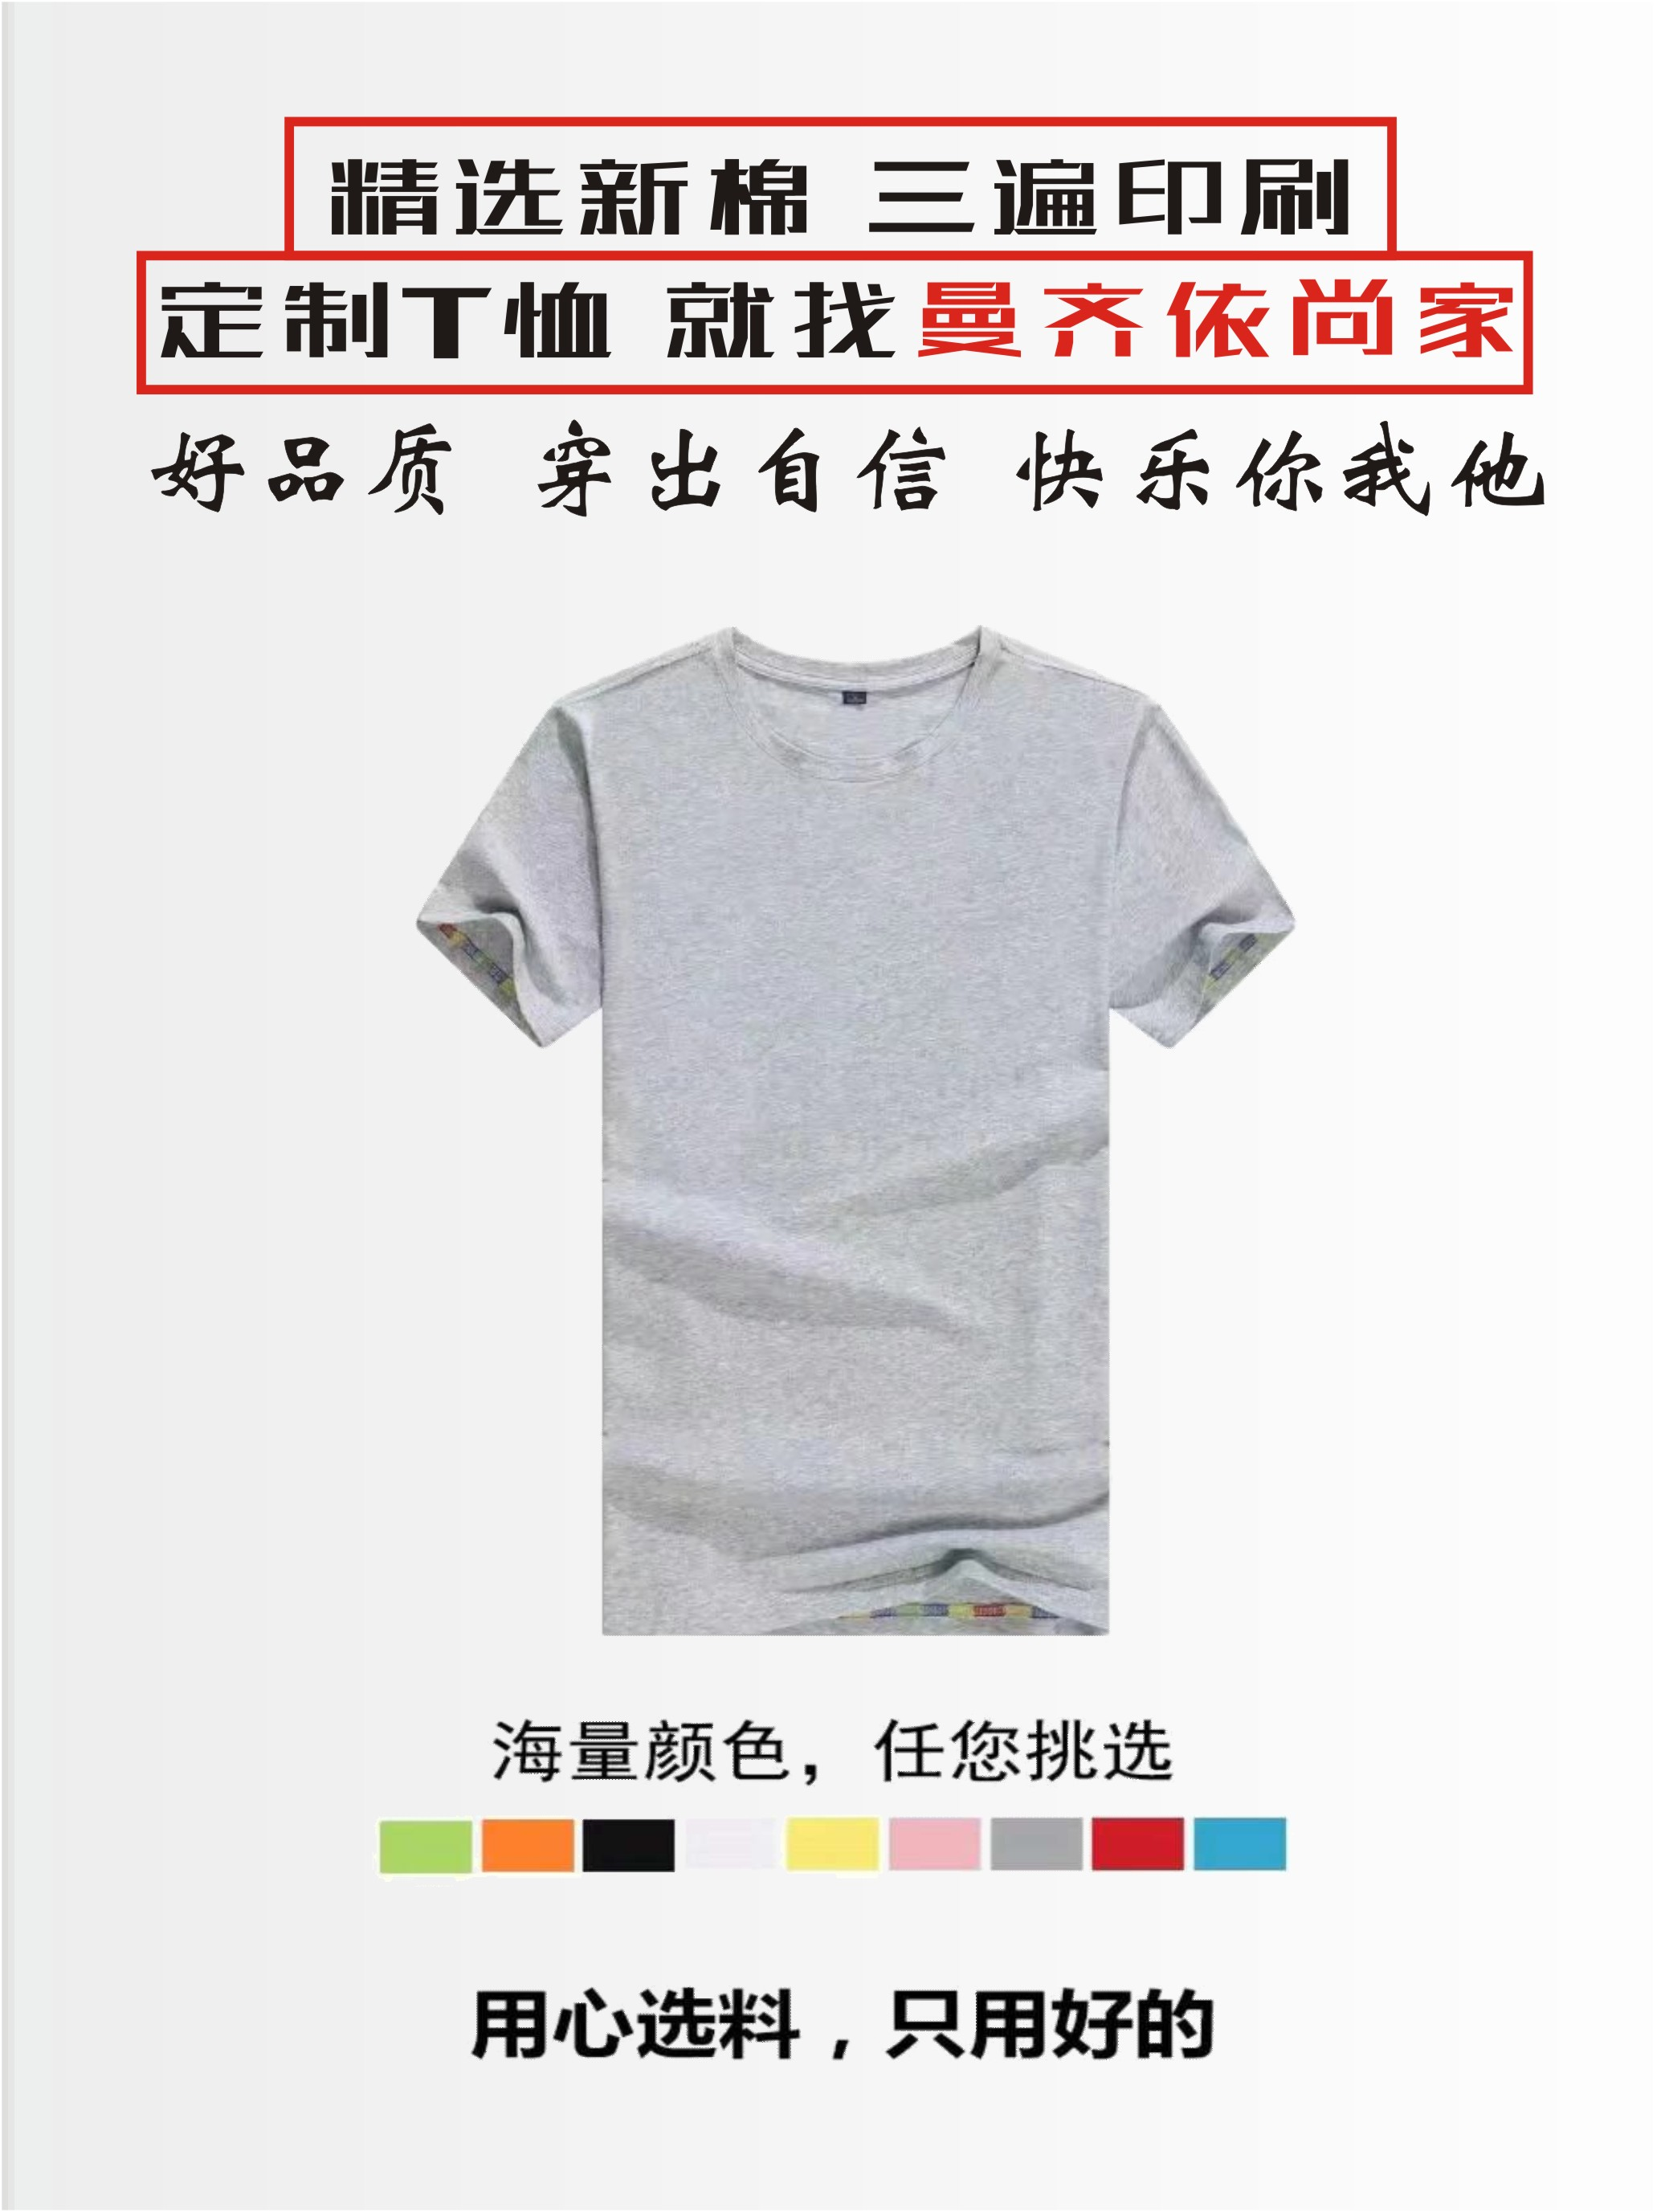 曼齊依尚文化衫一手貨源廠家直銷